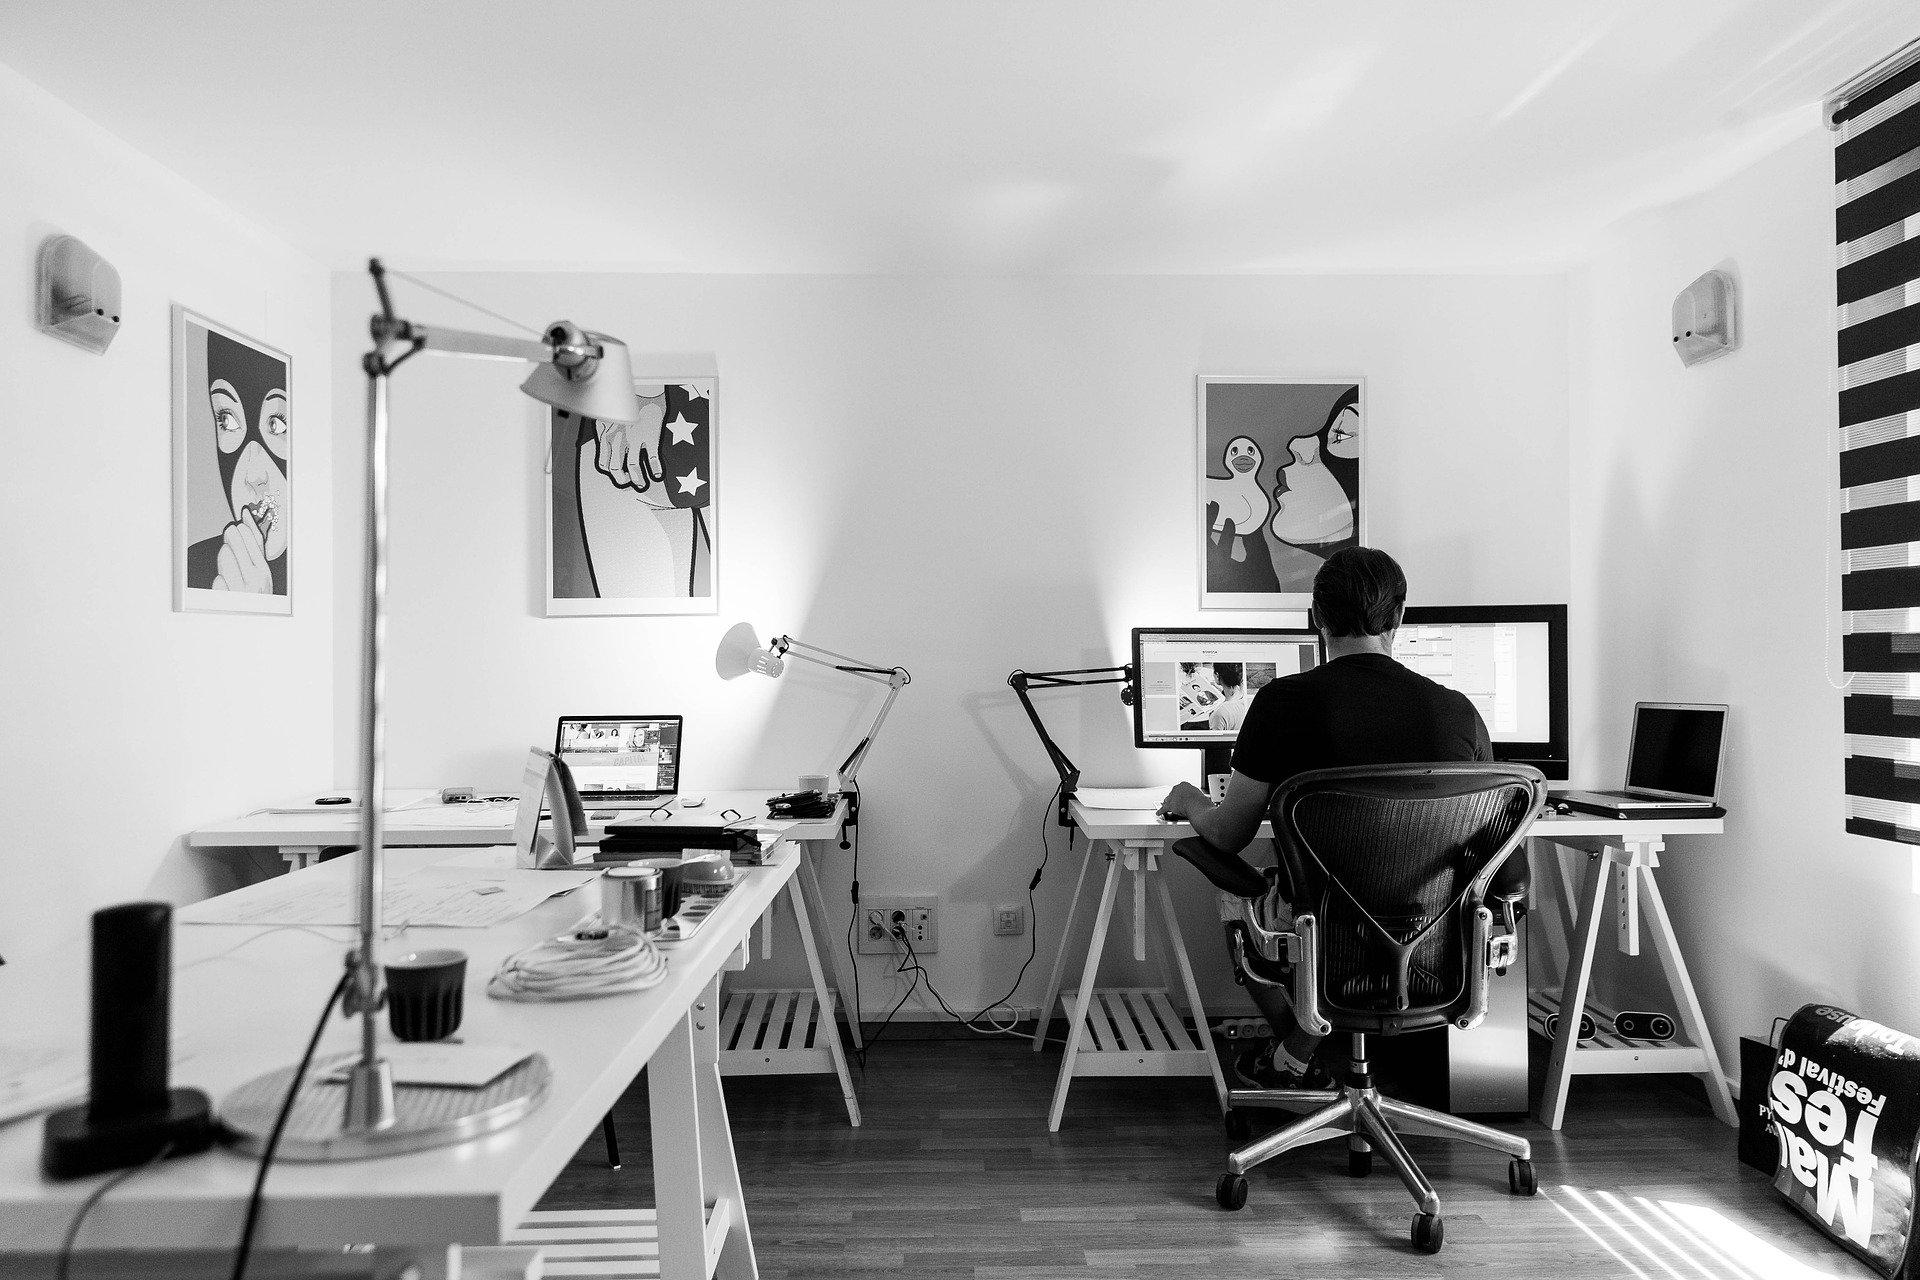 Um escritório onde um homem está trabalhando. Ele está sentado numa cadeira giratória e, ao redor, estão vários computadores. Na parede existem quadros. O ambiente também tem outras mesas de trabalho, porém sem pessoas.